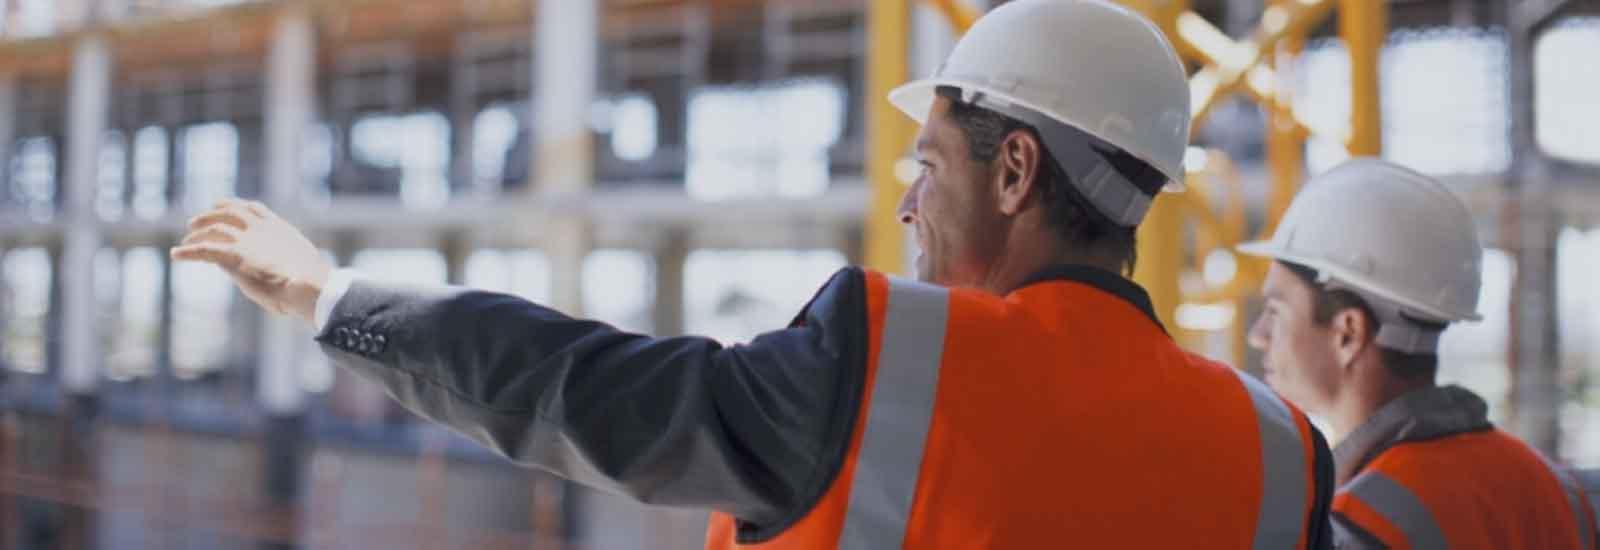 Texas contractor insurance